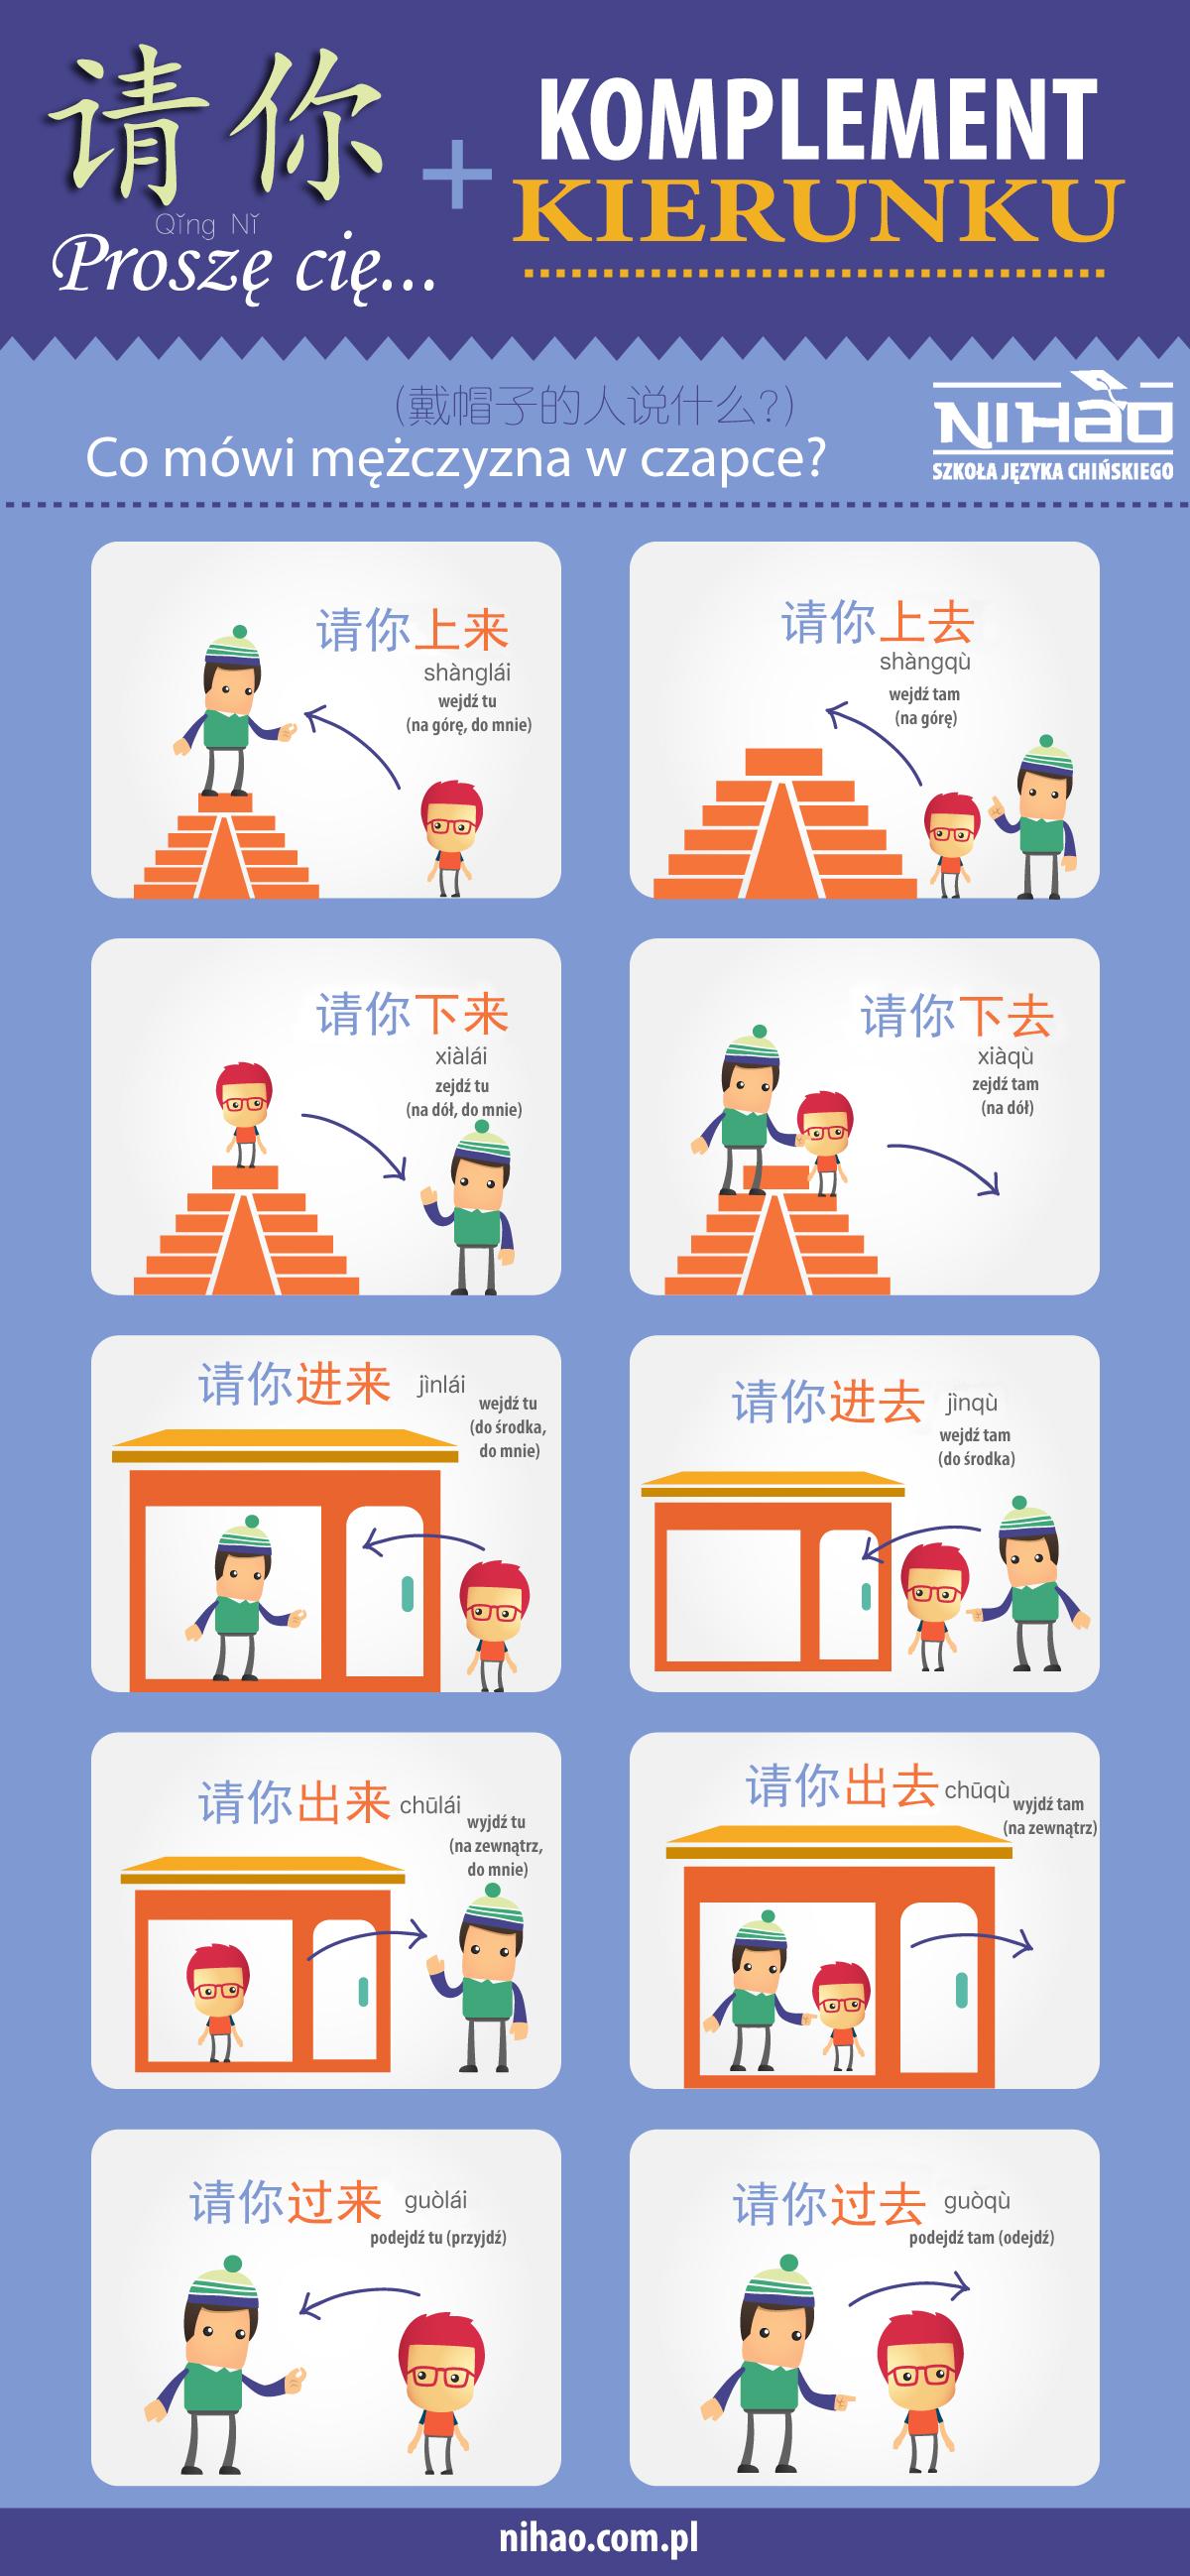 Komplementy kierunku w języku chińskim